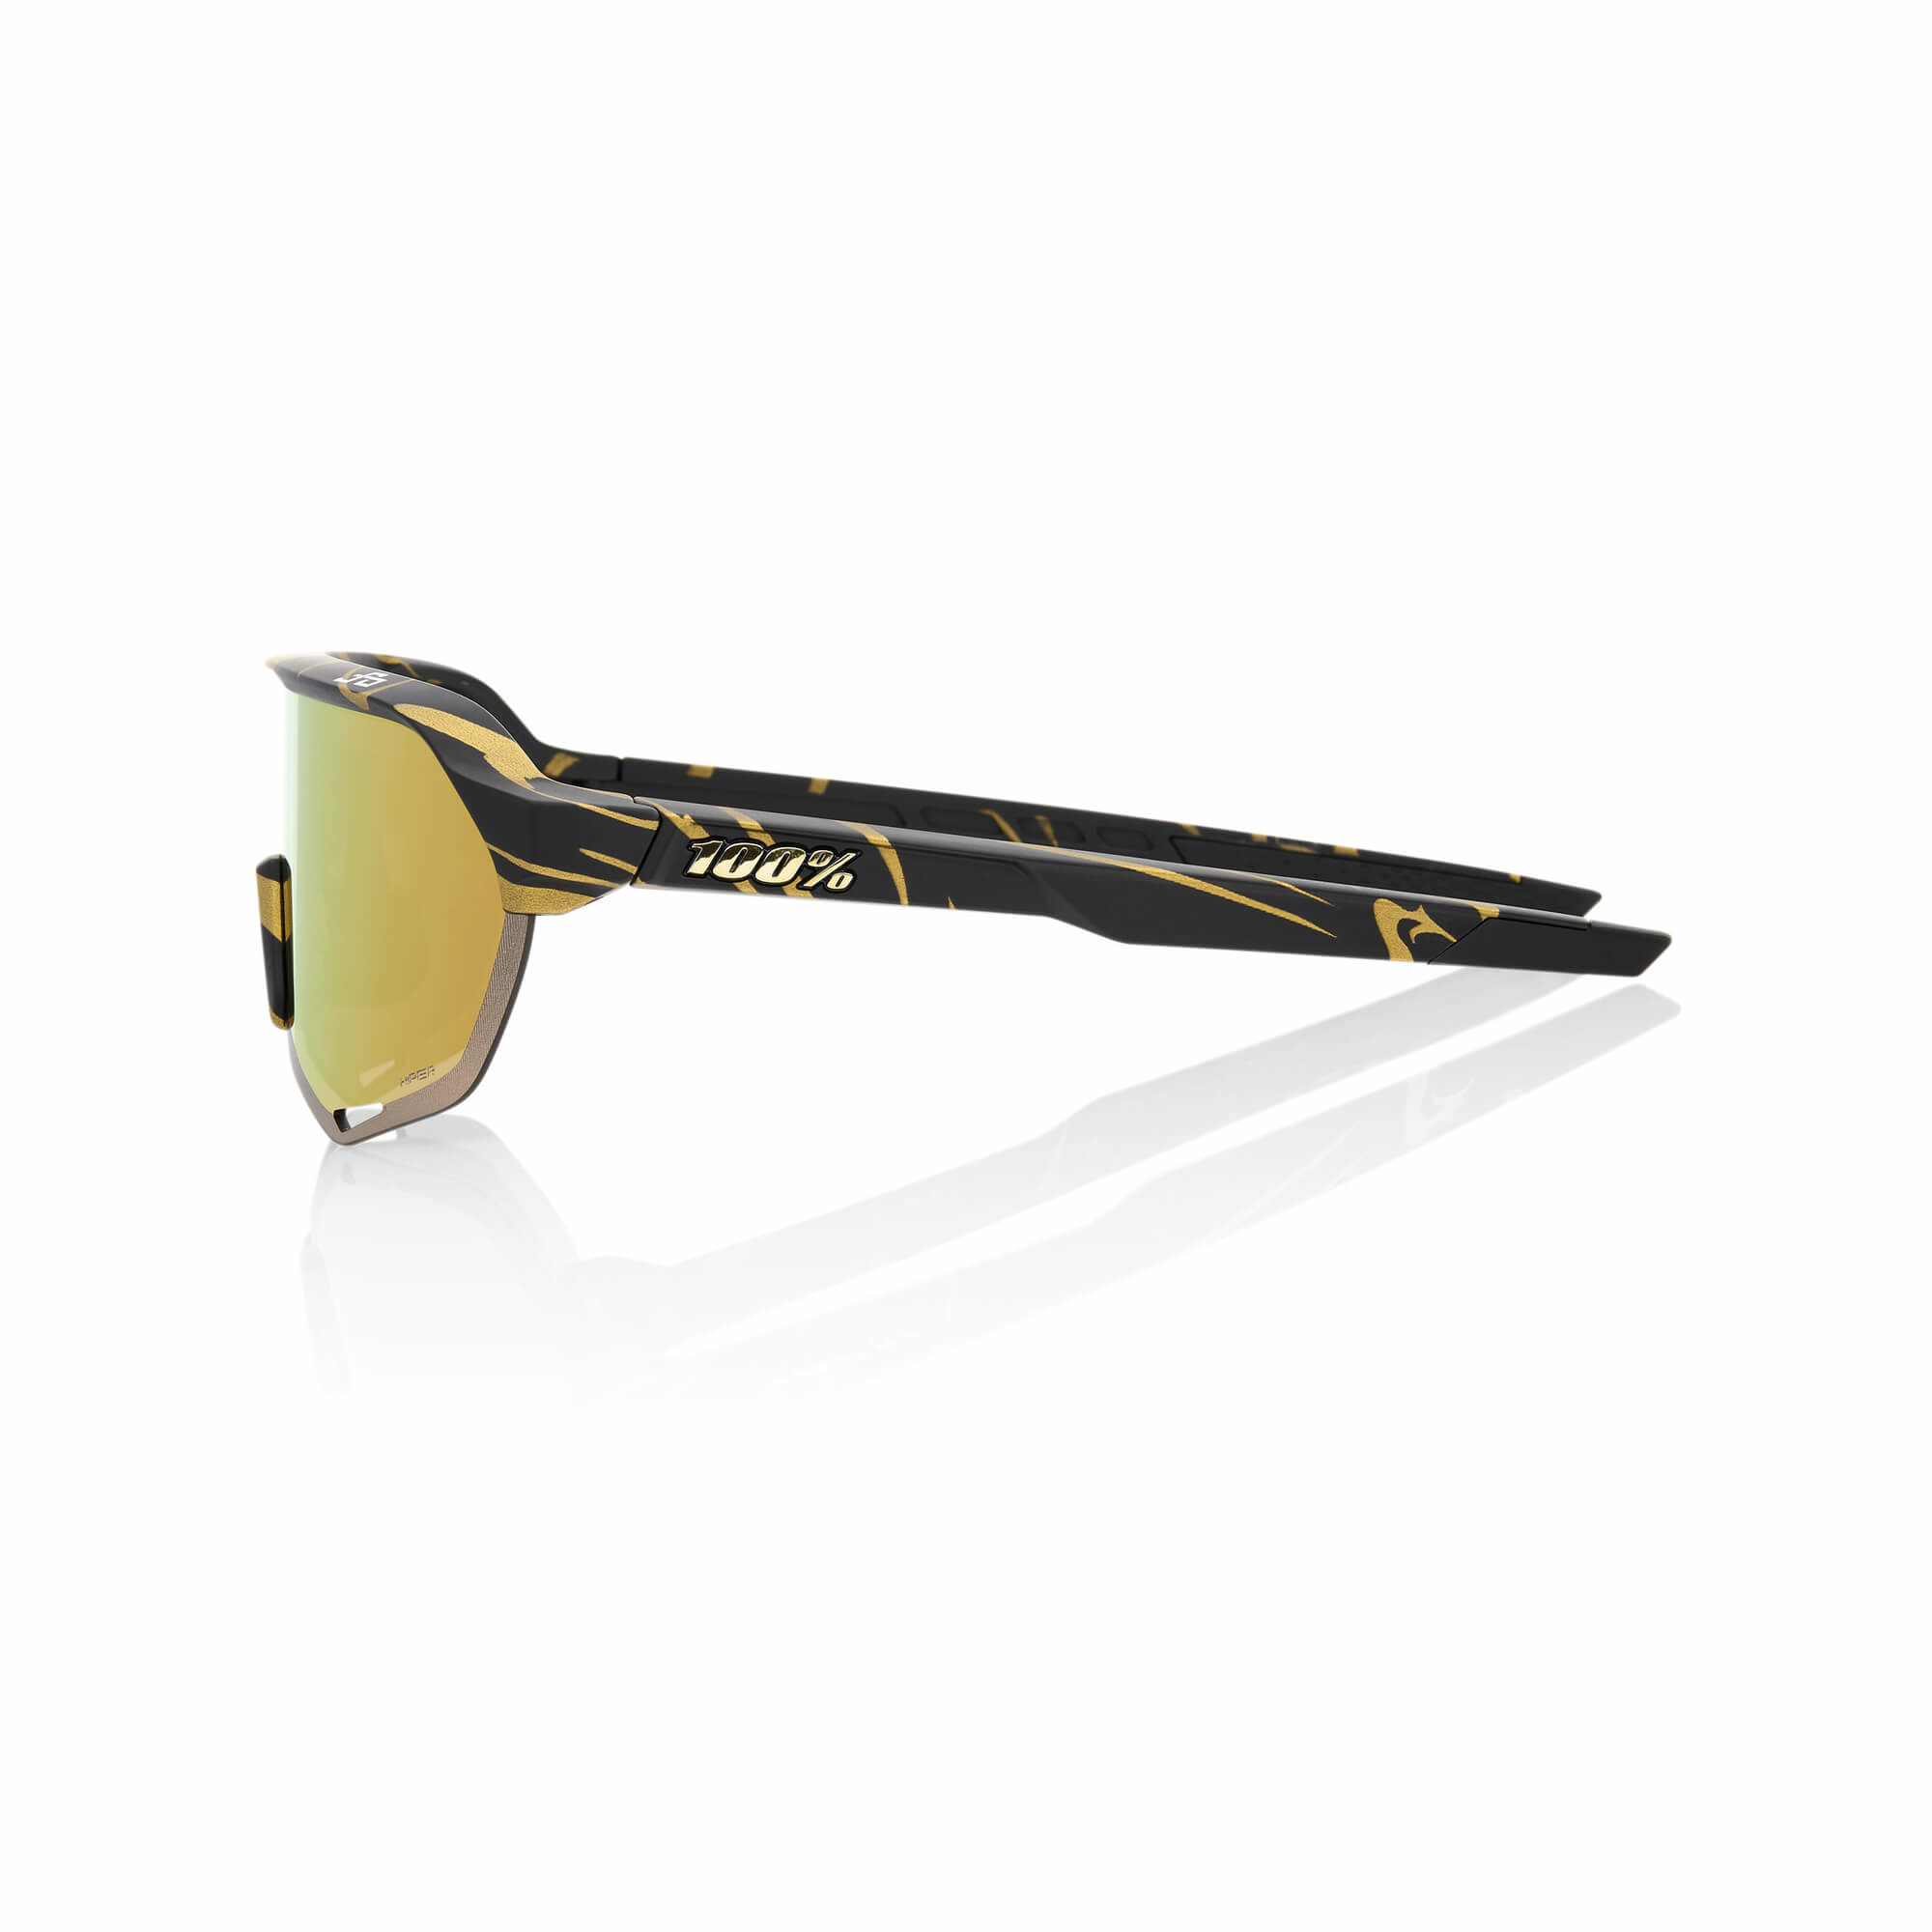 S2 Peter Sagan LE Metallic Gold Flake Hiper Gold Mirror Lens-3